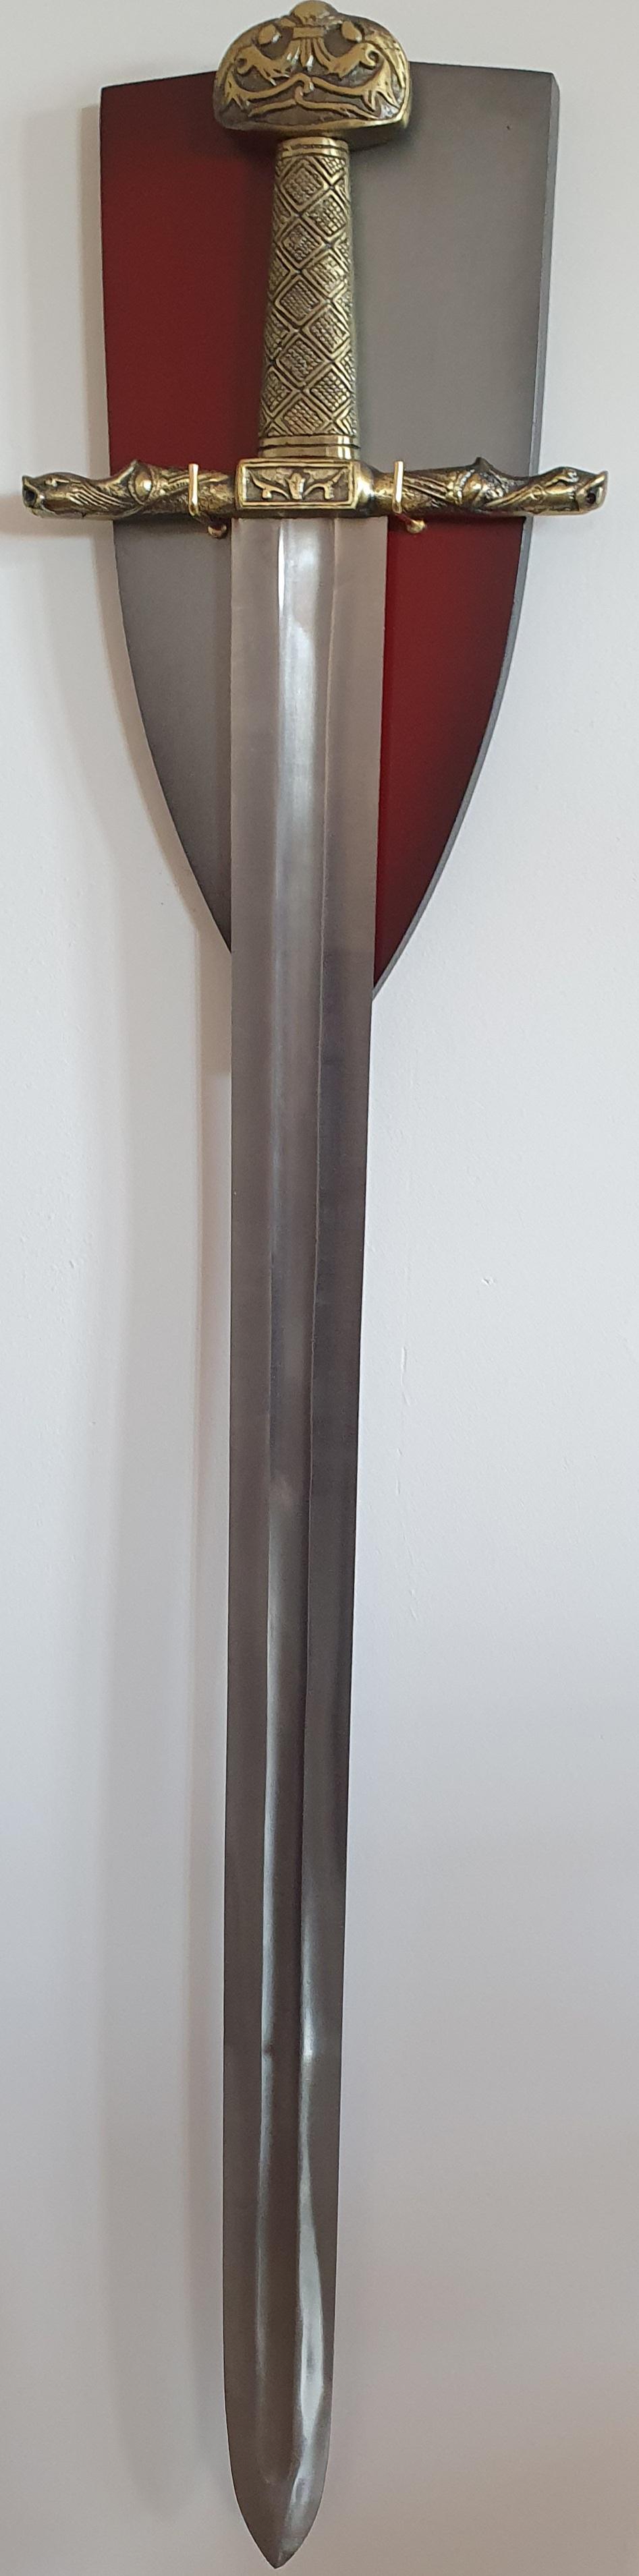 GRAIL KNIGHT SWORD.jpg